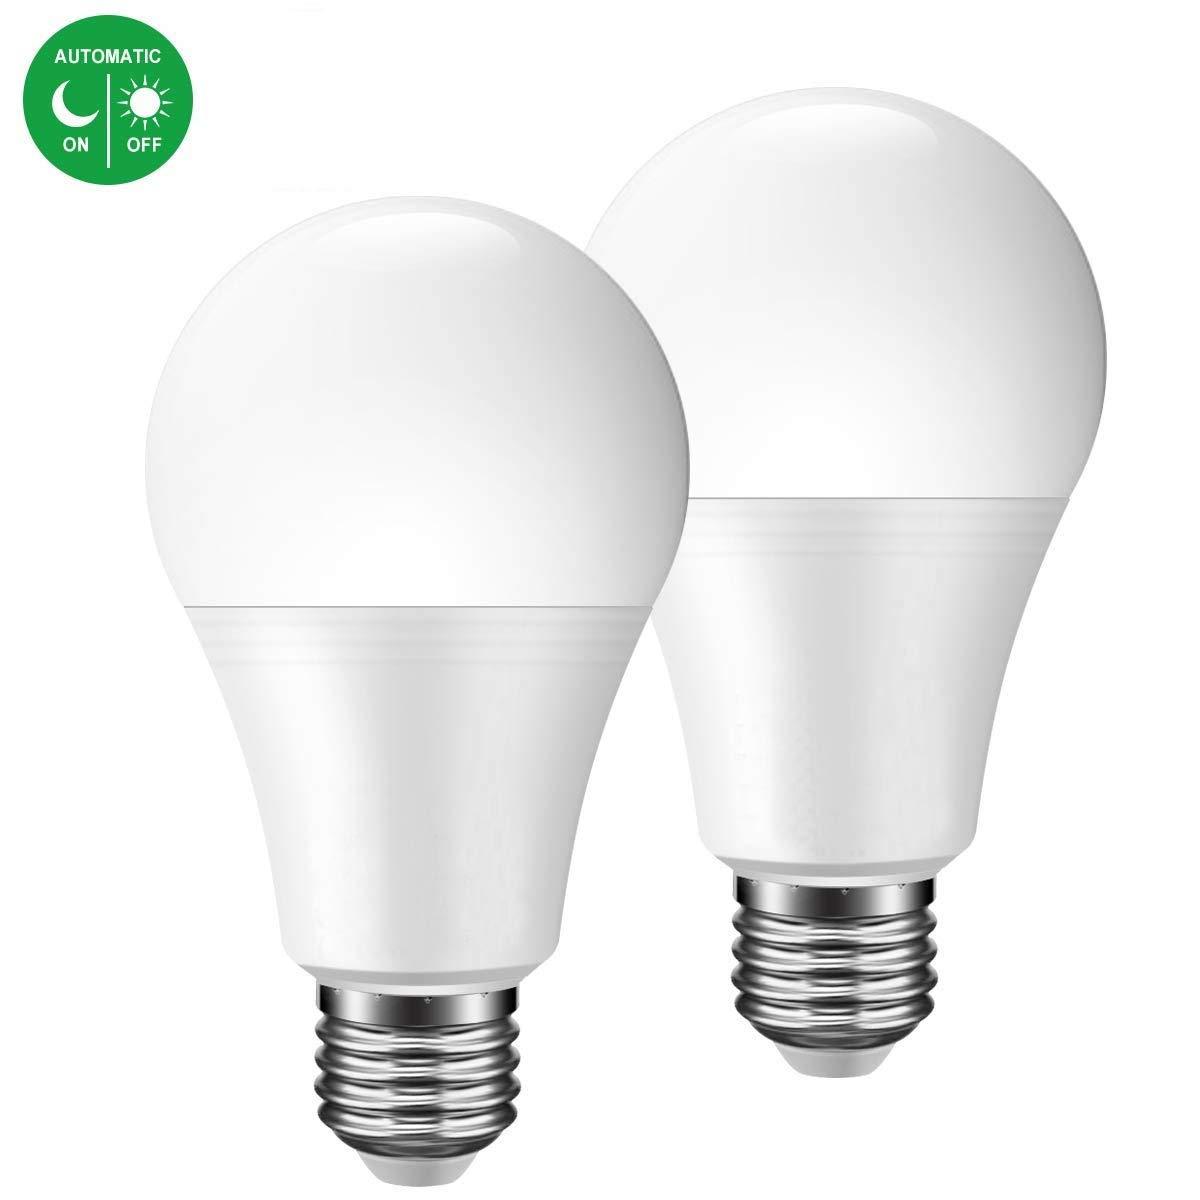 Bombillas LED sensor crepuscular,JUSIAL 7W larga vida bombillas LED con encendido / apagado automáticamente, Iluminación interior / exterior Lampara para ...